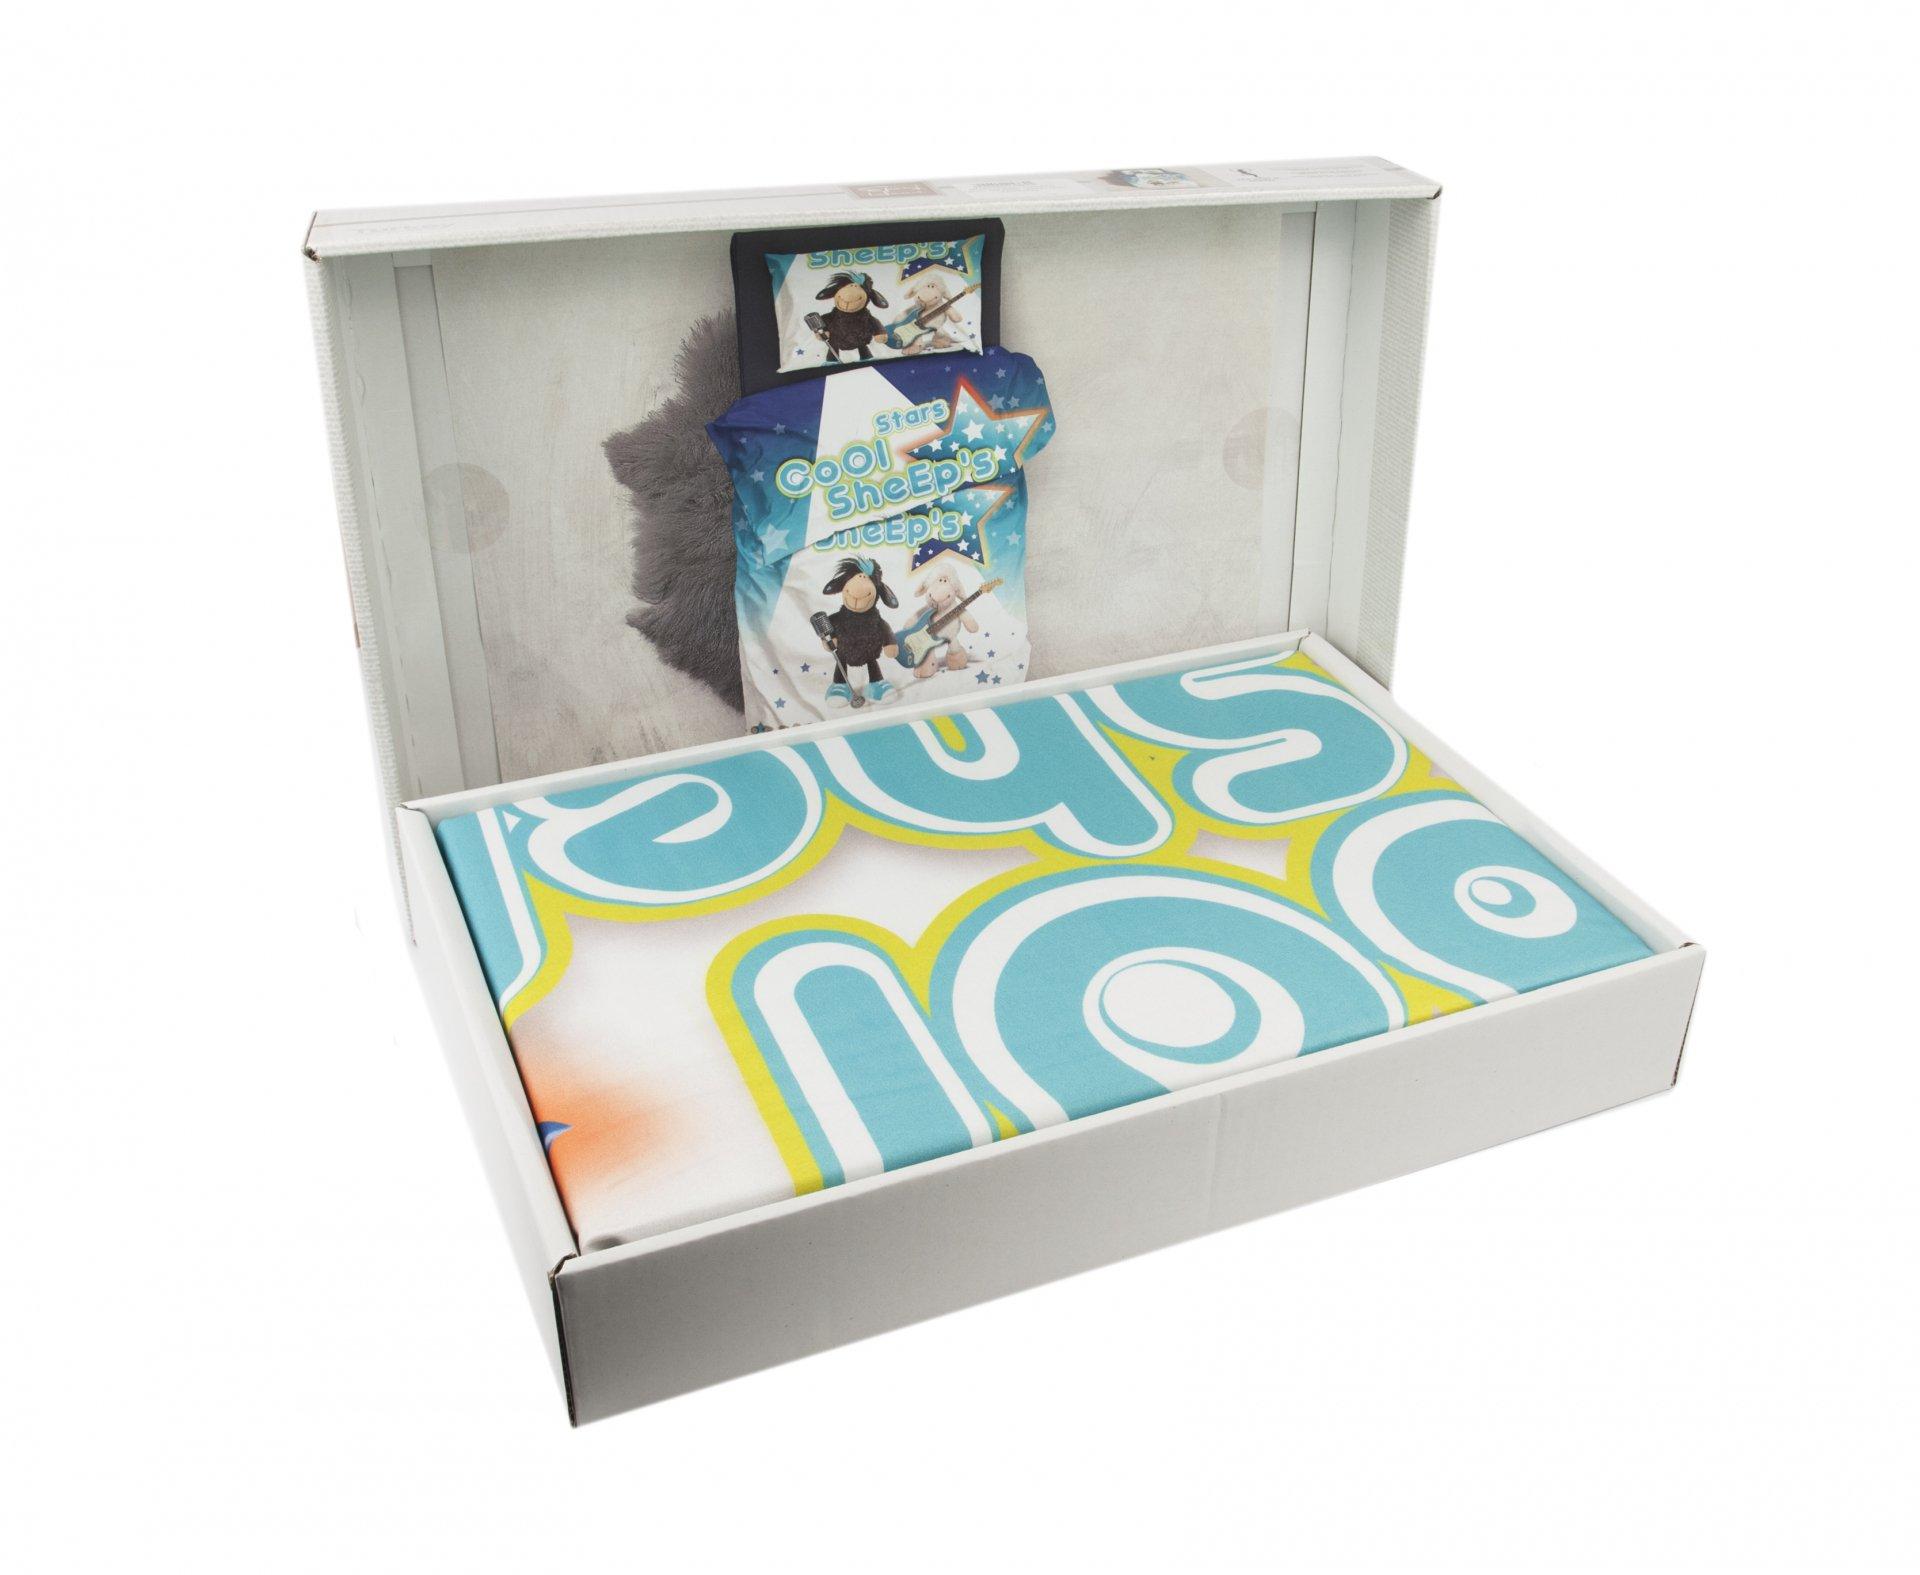 3D MICRO SATIN SHEEPS MAVI комплект Детское постельное белье EPONJ HOME. 3D  MICRO SATIN SHEEPS MAVI упаковка ... b4cf4a5d1c3b3